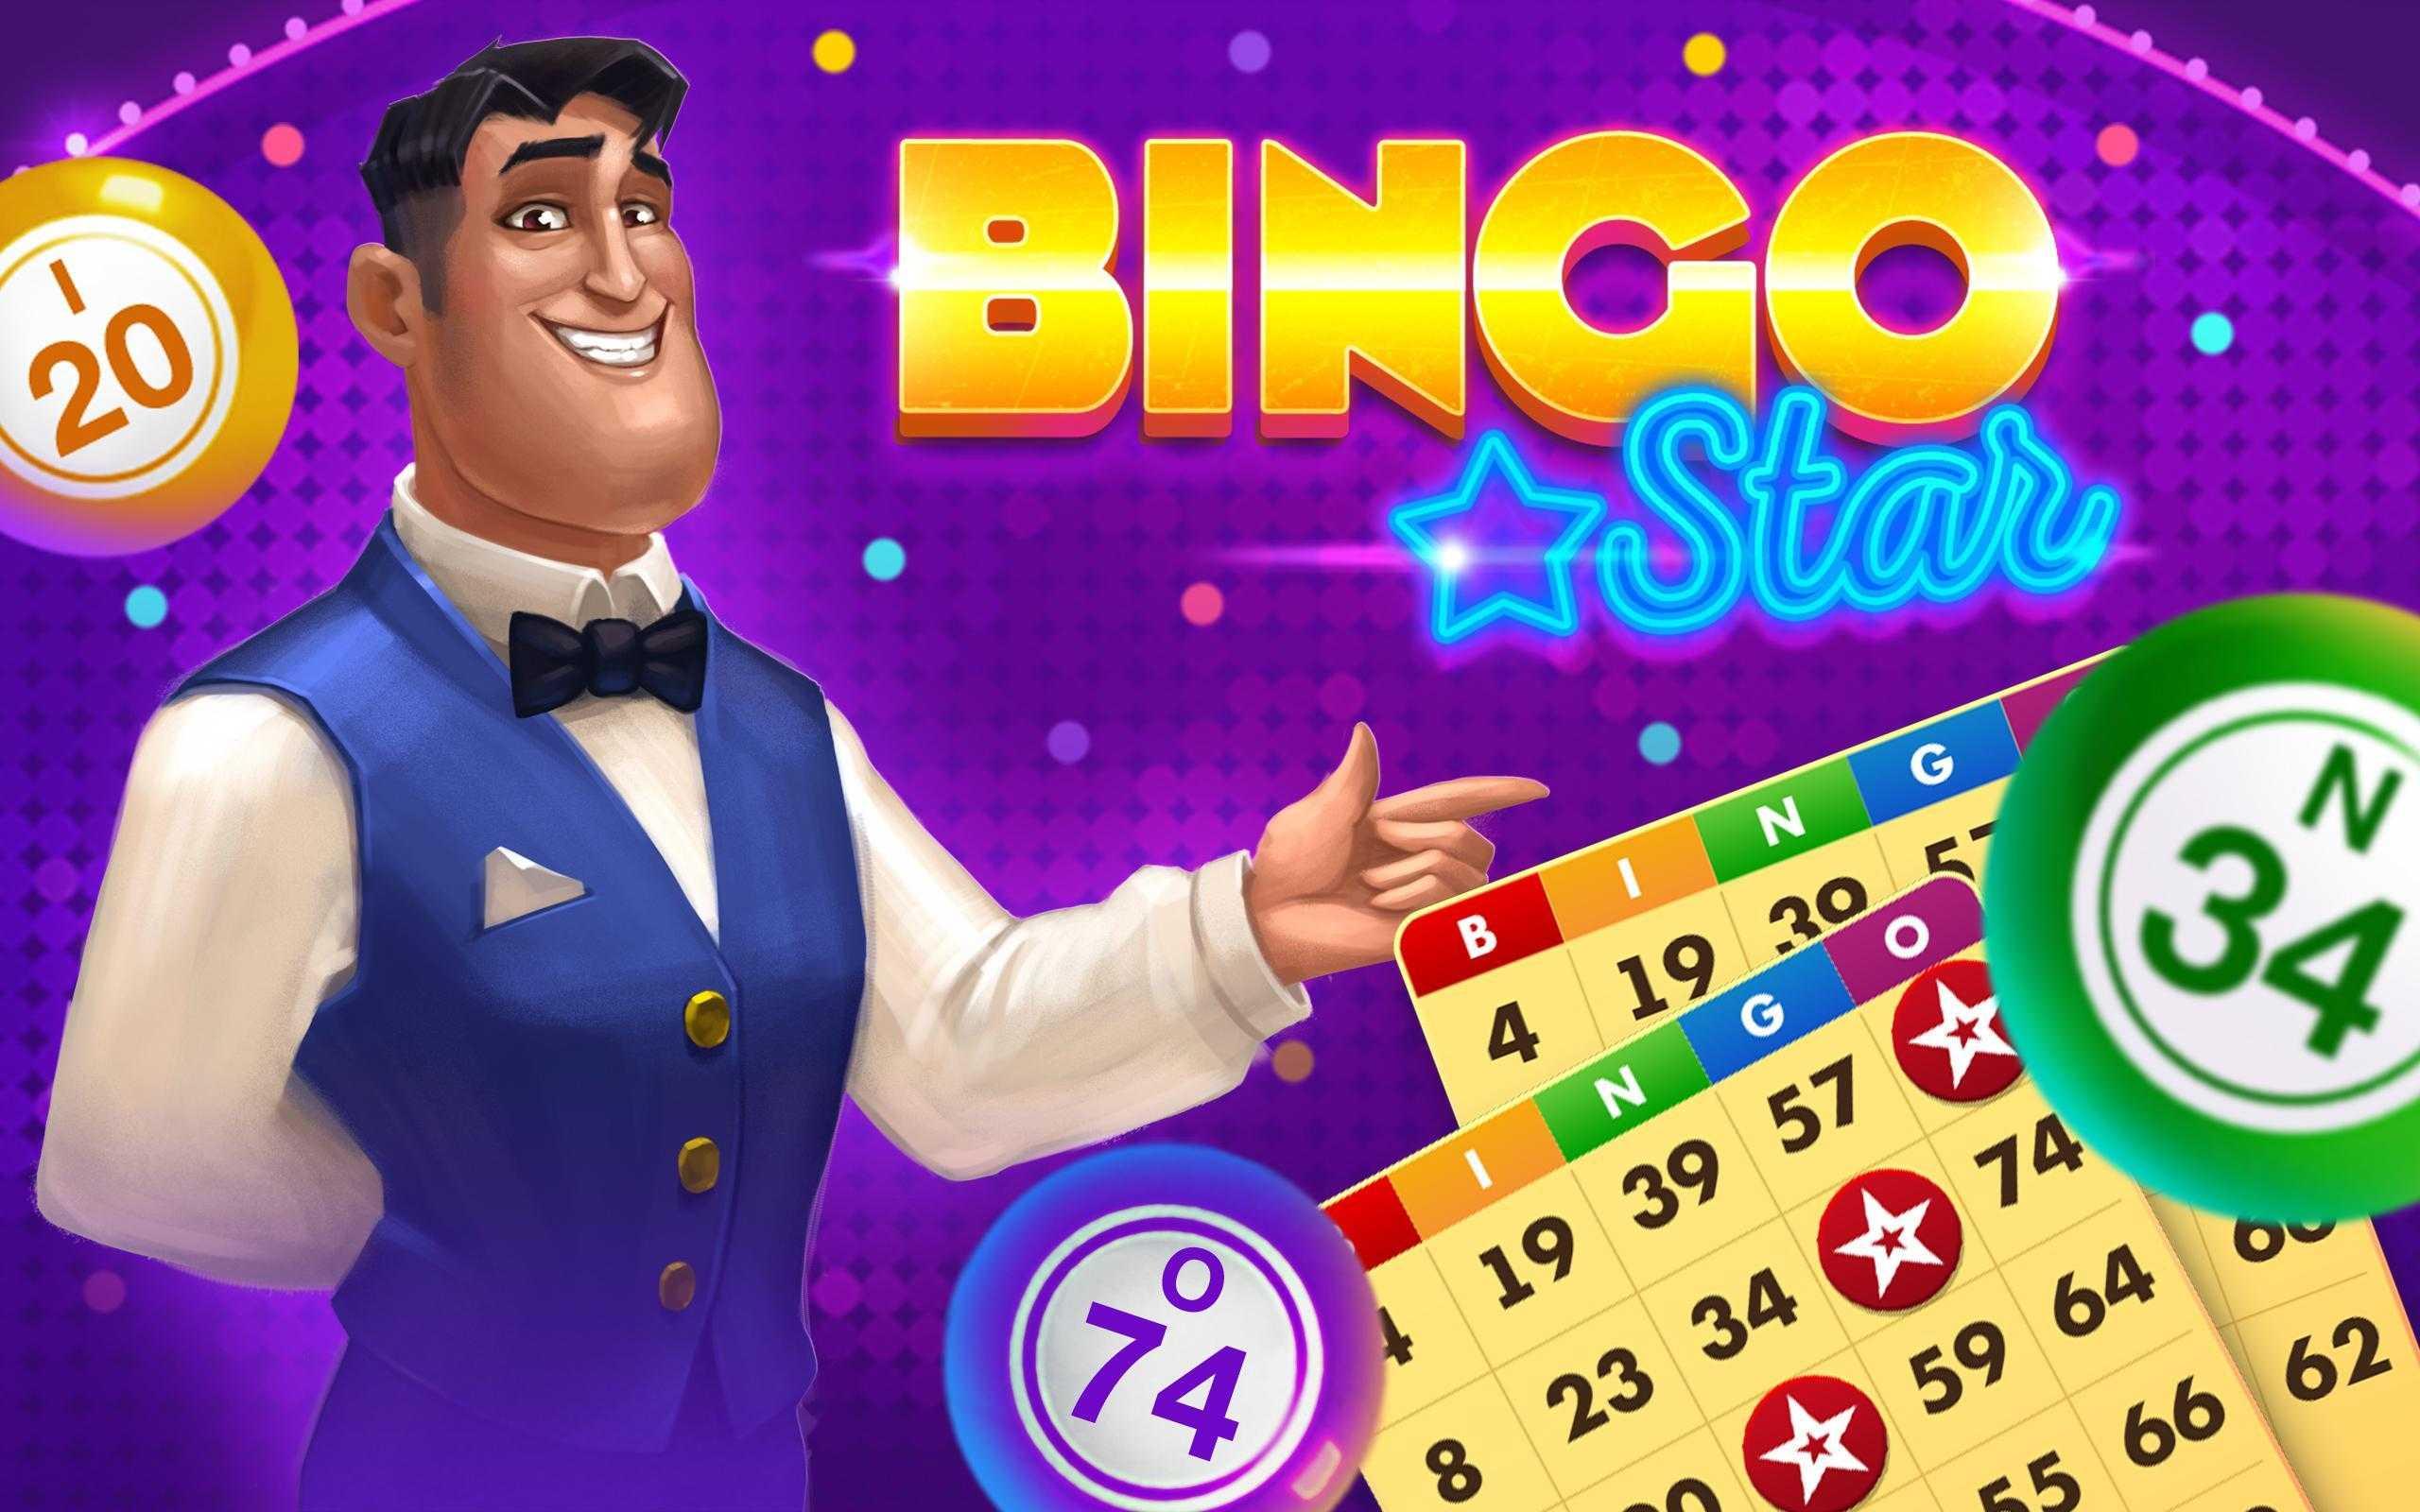 Как играть в кено от bet boom (ранее bingo boom)